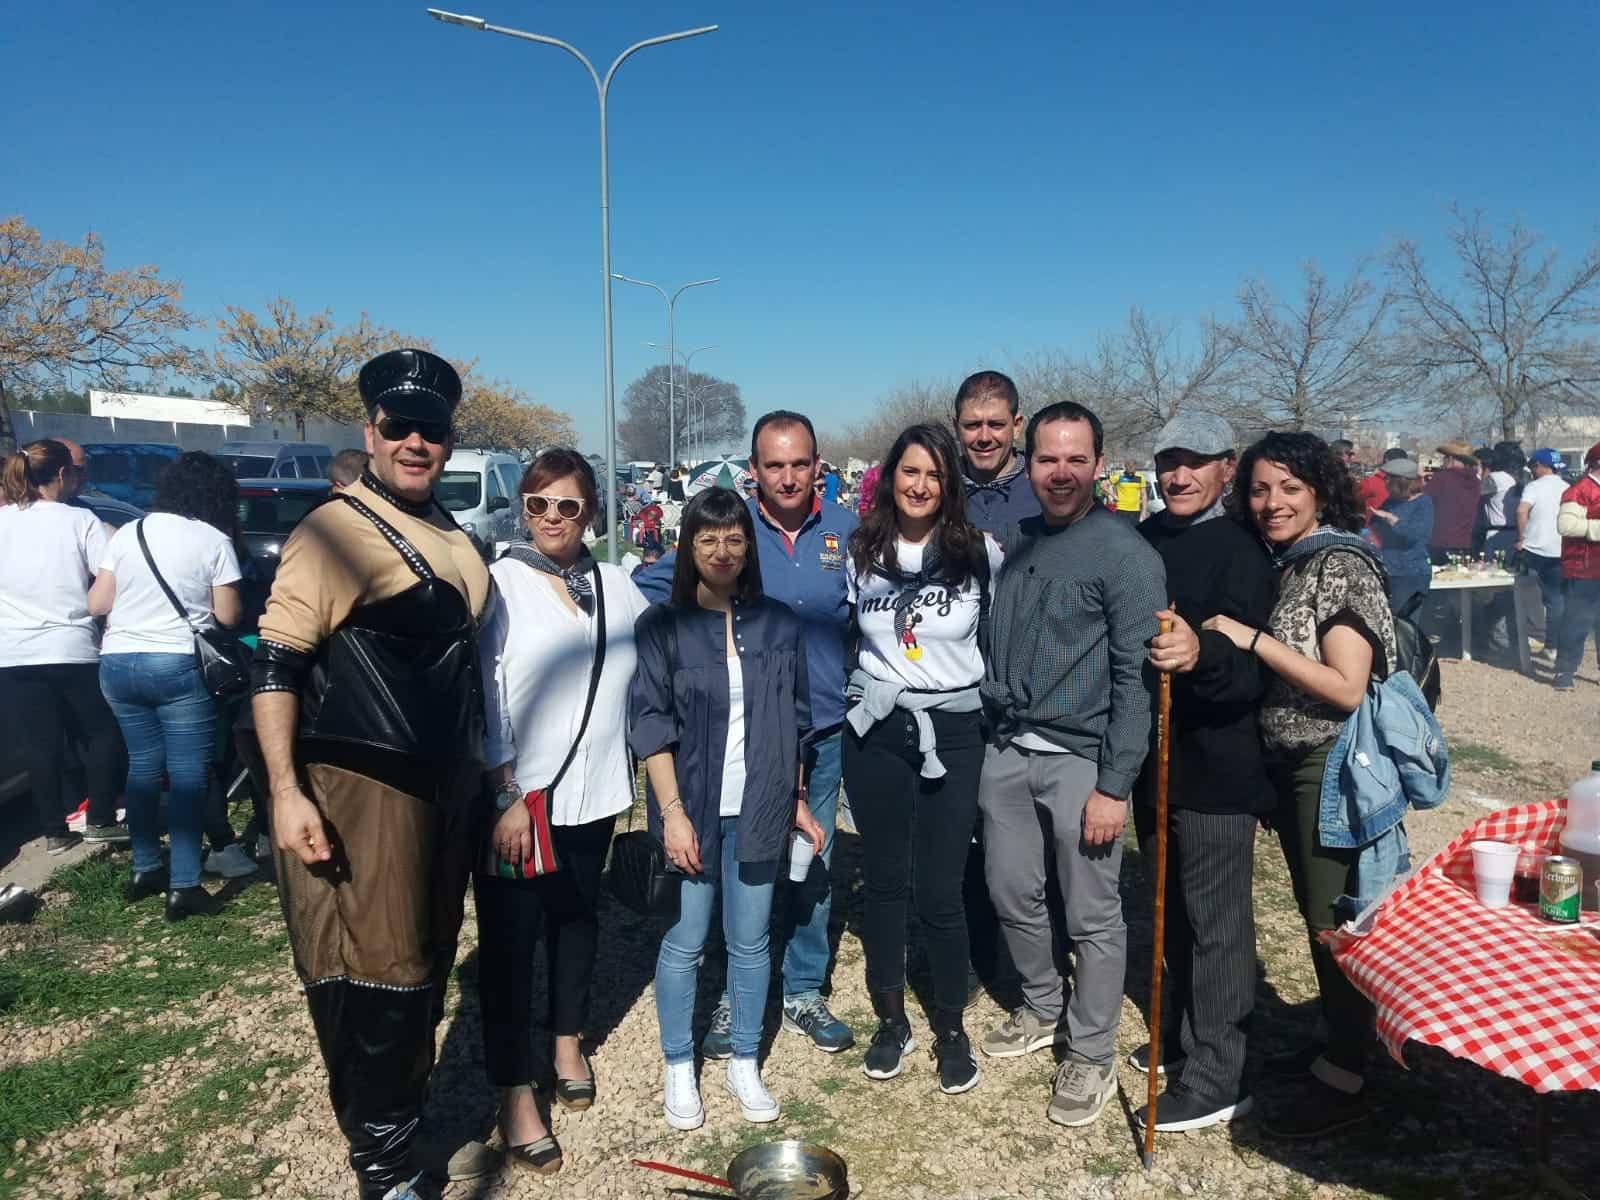 La diputada del PSOE, Cristina López, visitó el Carnaval de Herencia y a sus agricultores 5